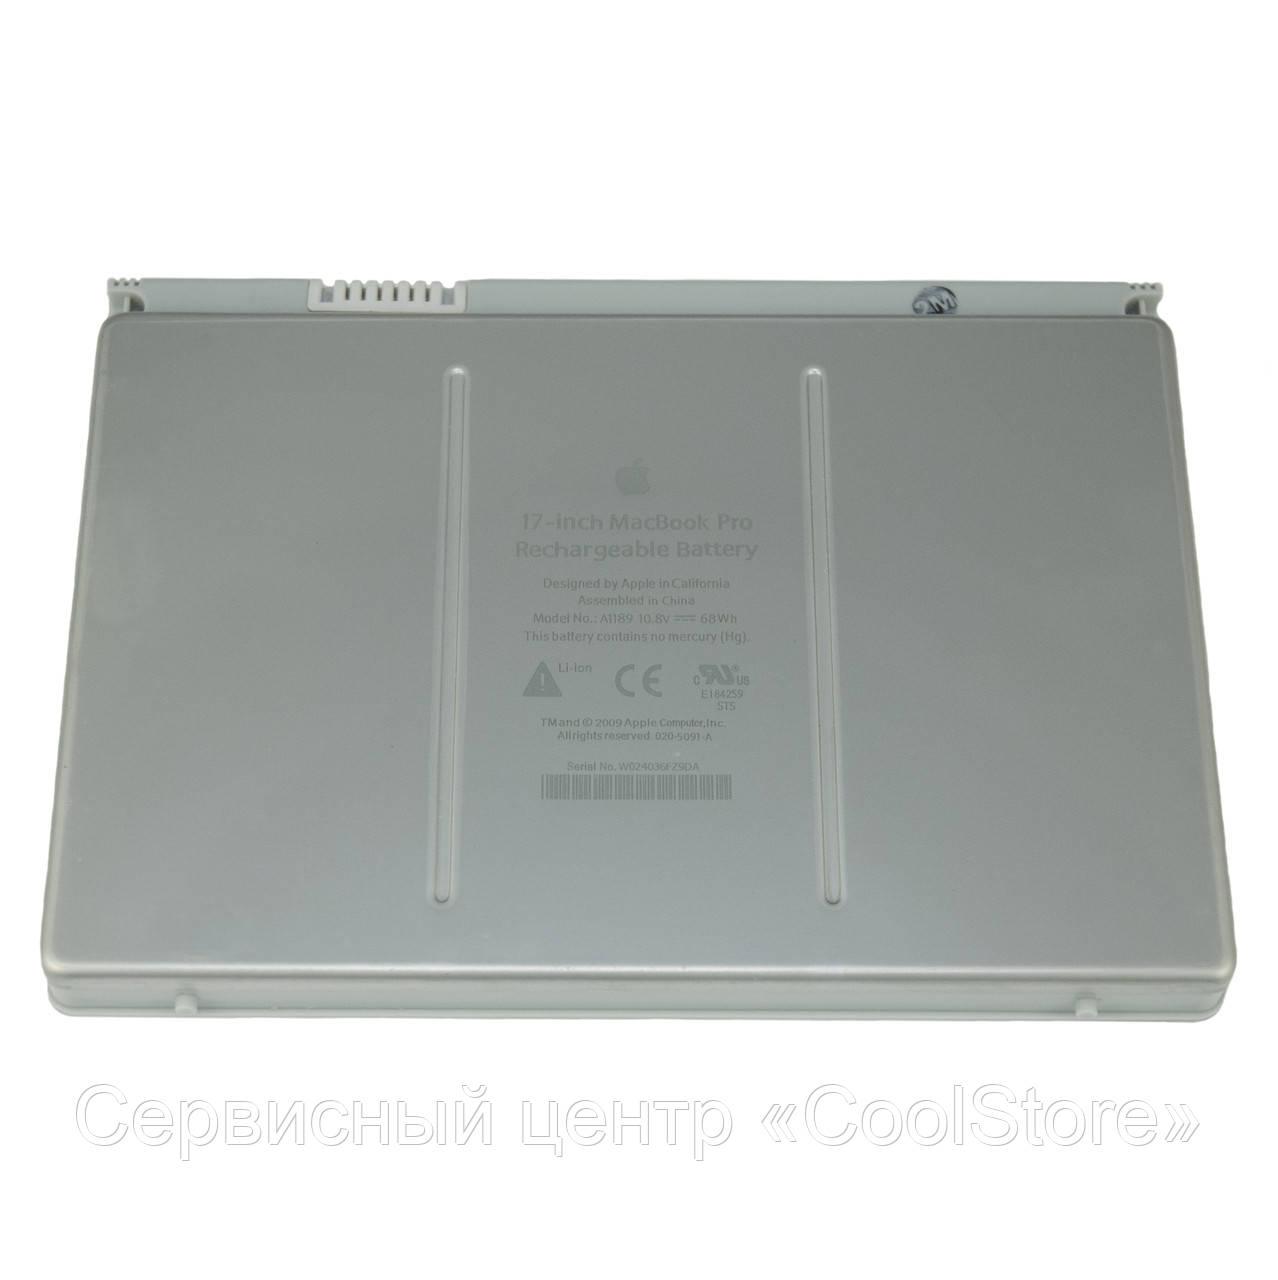 """Батарея A1189 для MacBook Pro 17"""" 2006-2008гг. A1151/A1212/A1229/A1261"""